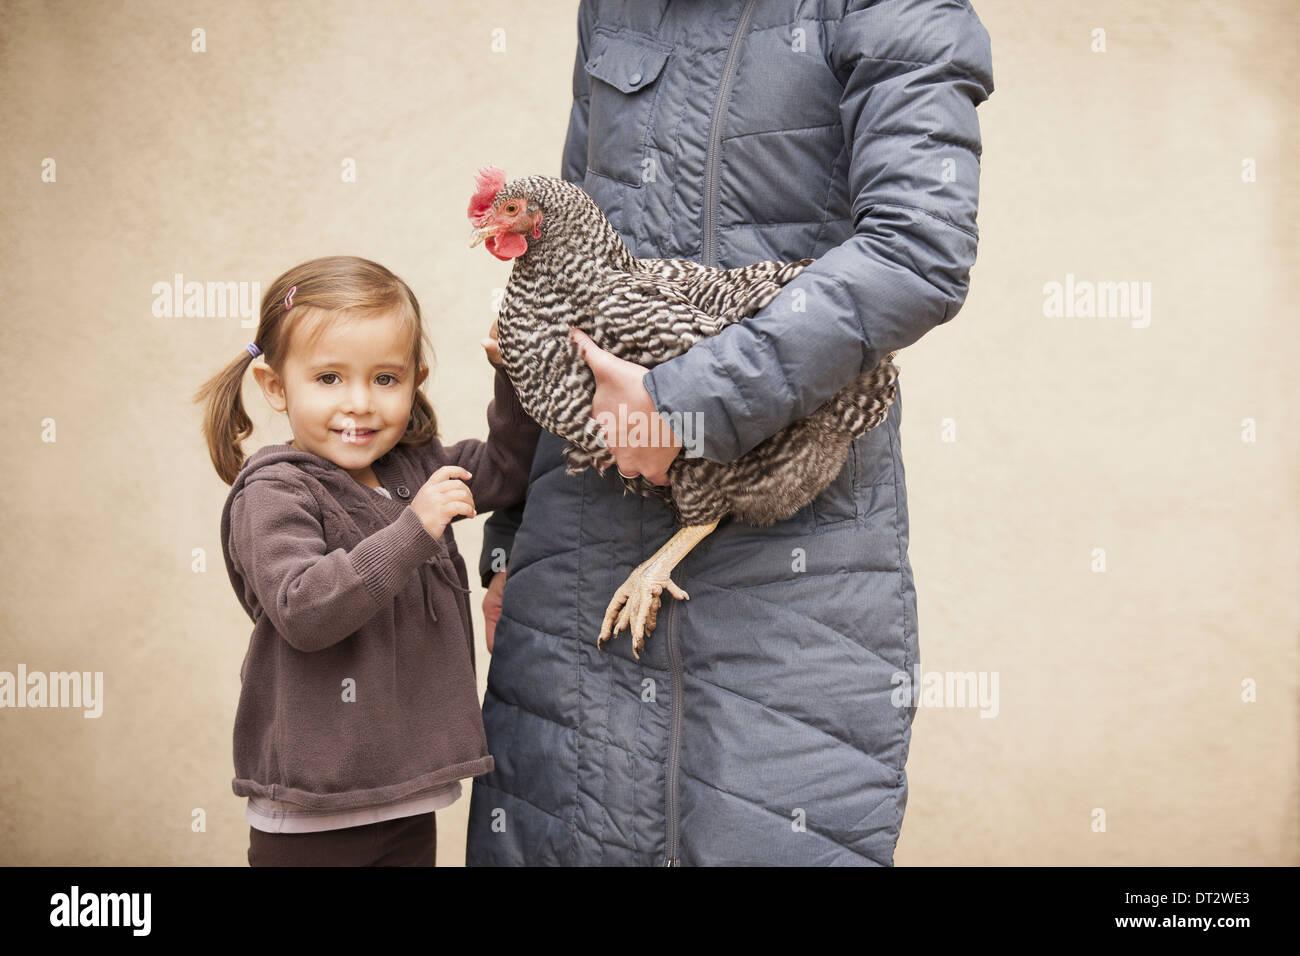 Donna che mantiene un bianco e nero il pollo con un rosso coxcomb sotto un braccio di una giovane ragazza accanto a lei mentre tiene il suo altro lato Immagini Stock